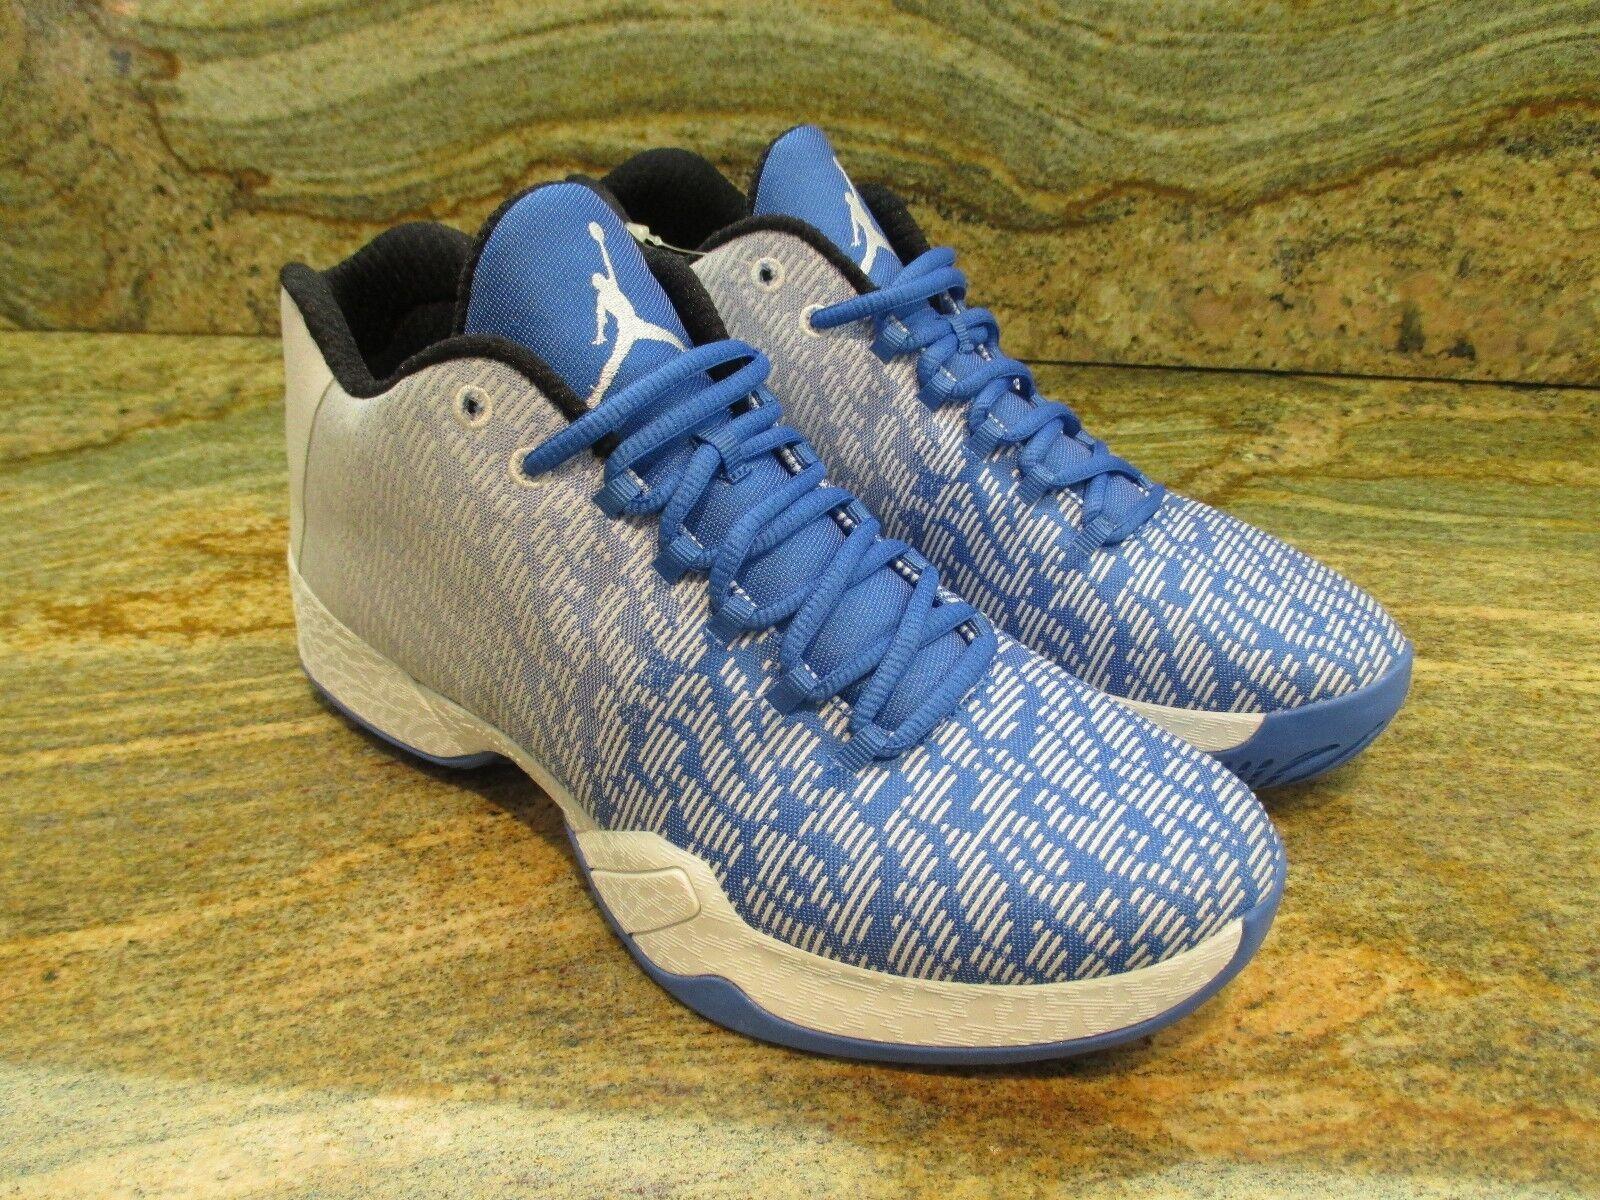 Unreleased Nike Air Jordan baja muestra el la reducción de precio el muestra modelo mas vendido de la marca 329d82